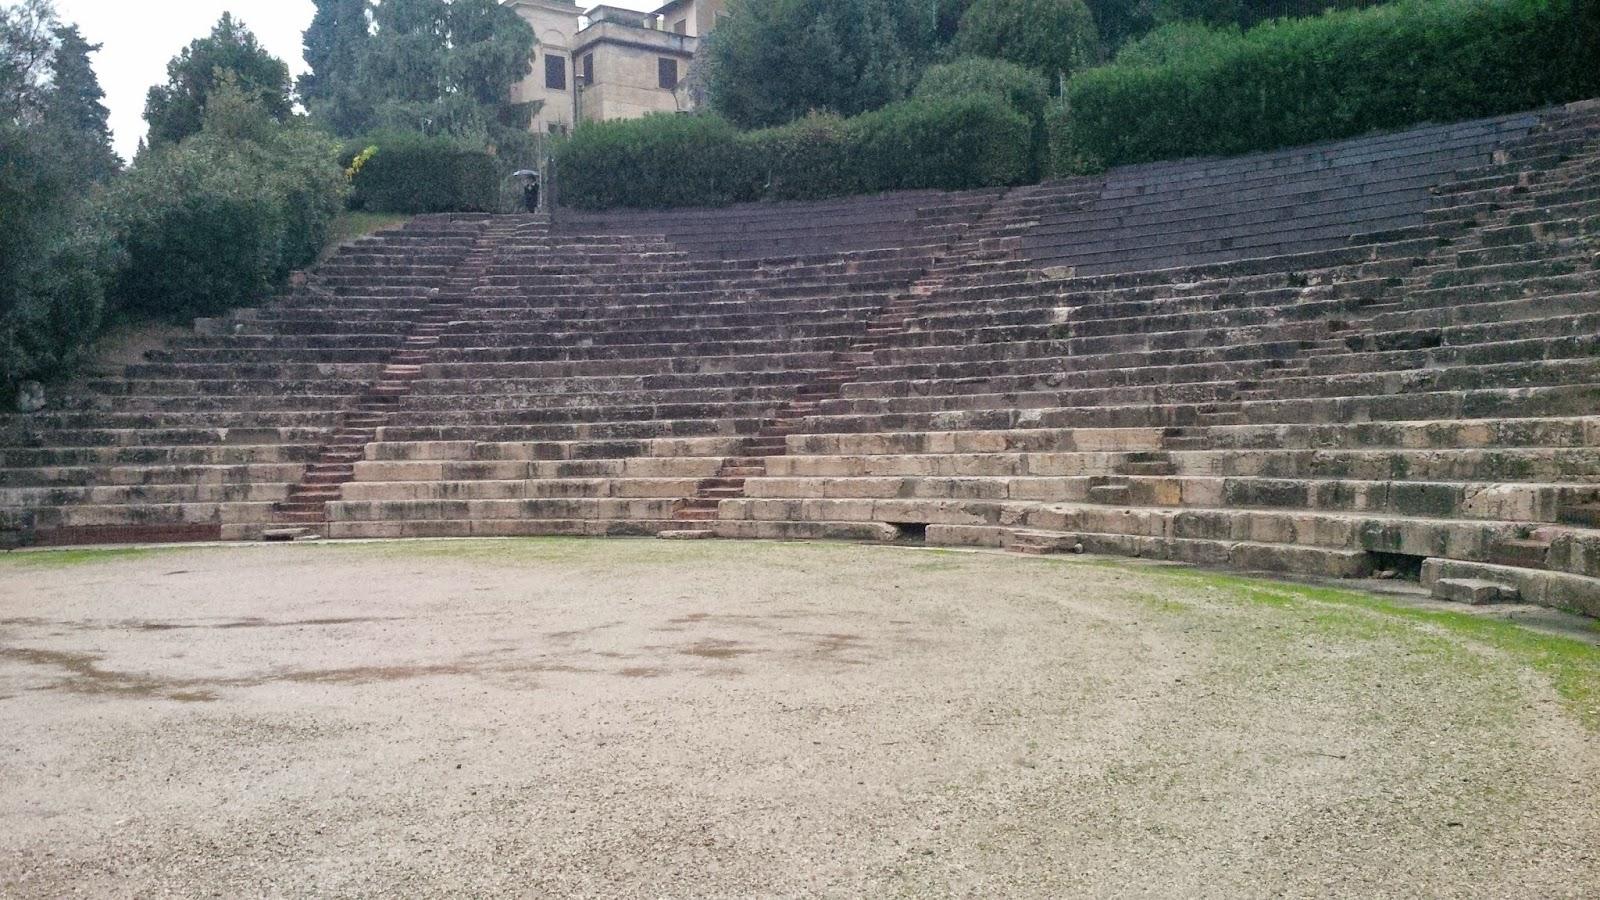 The Roman Theatre in Verona